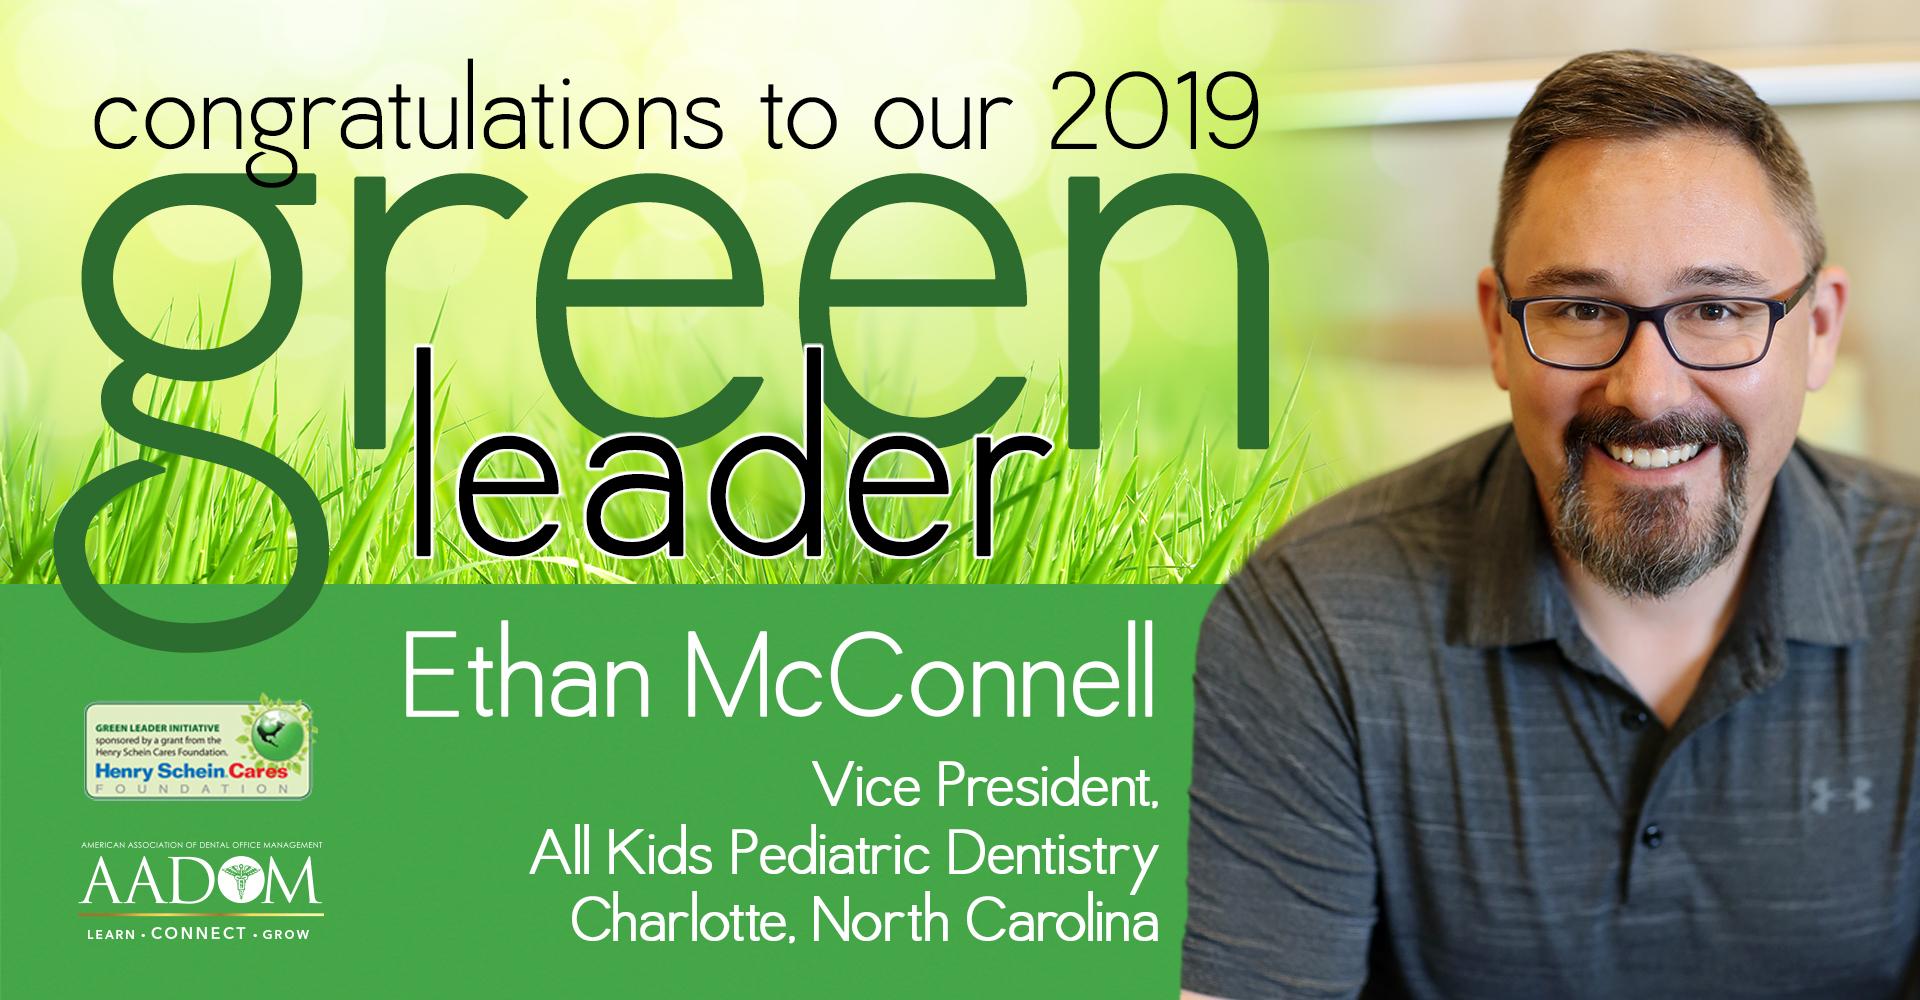 An ad congratulating the 2019 Green Leader winner